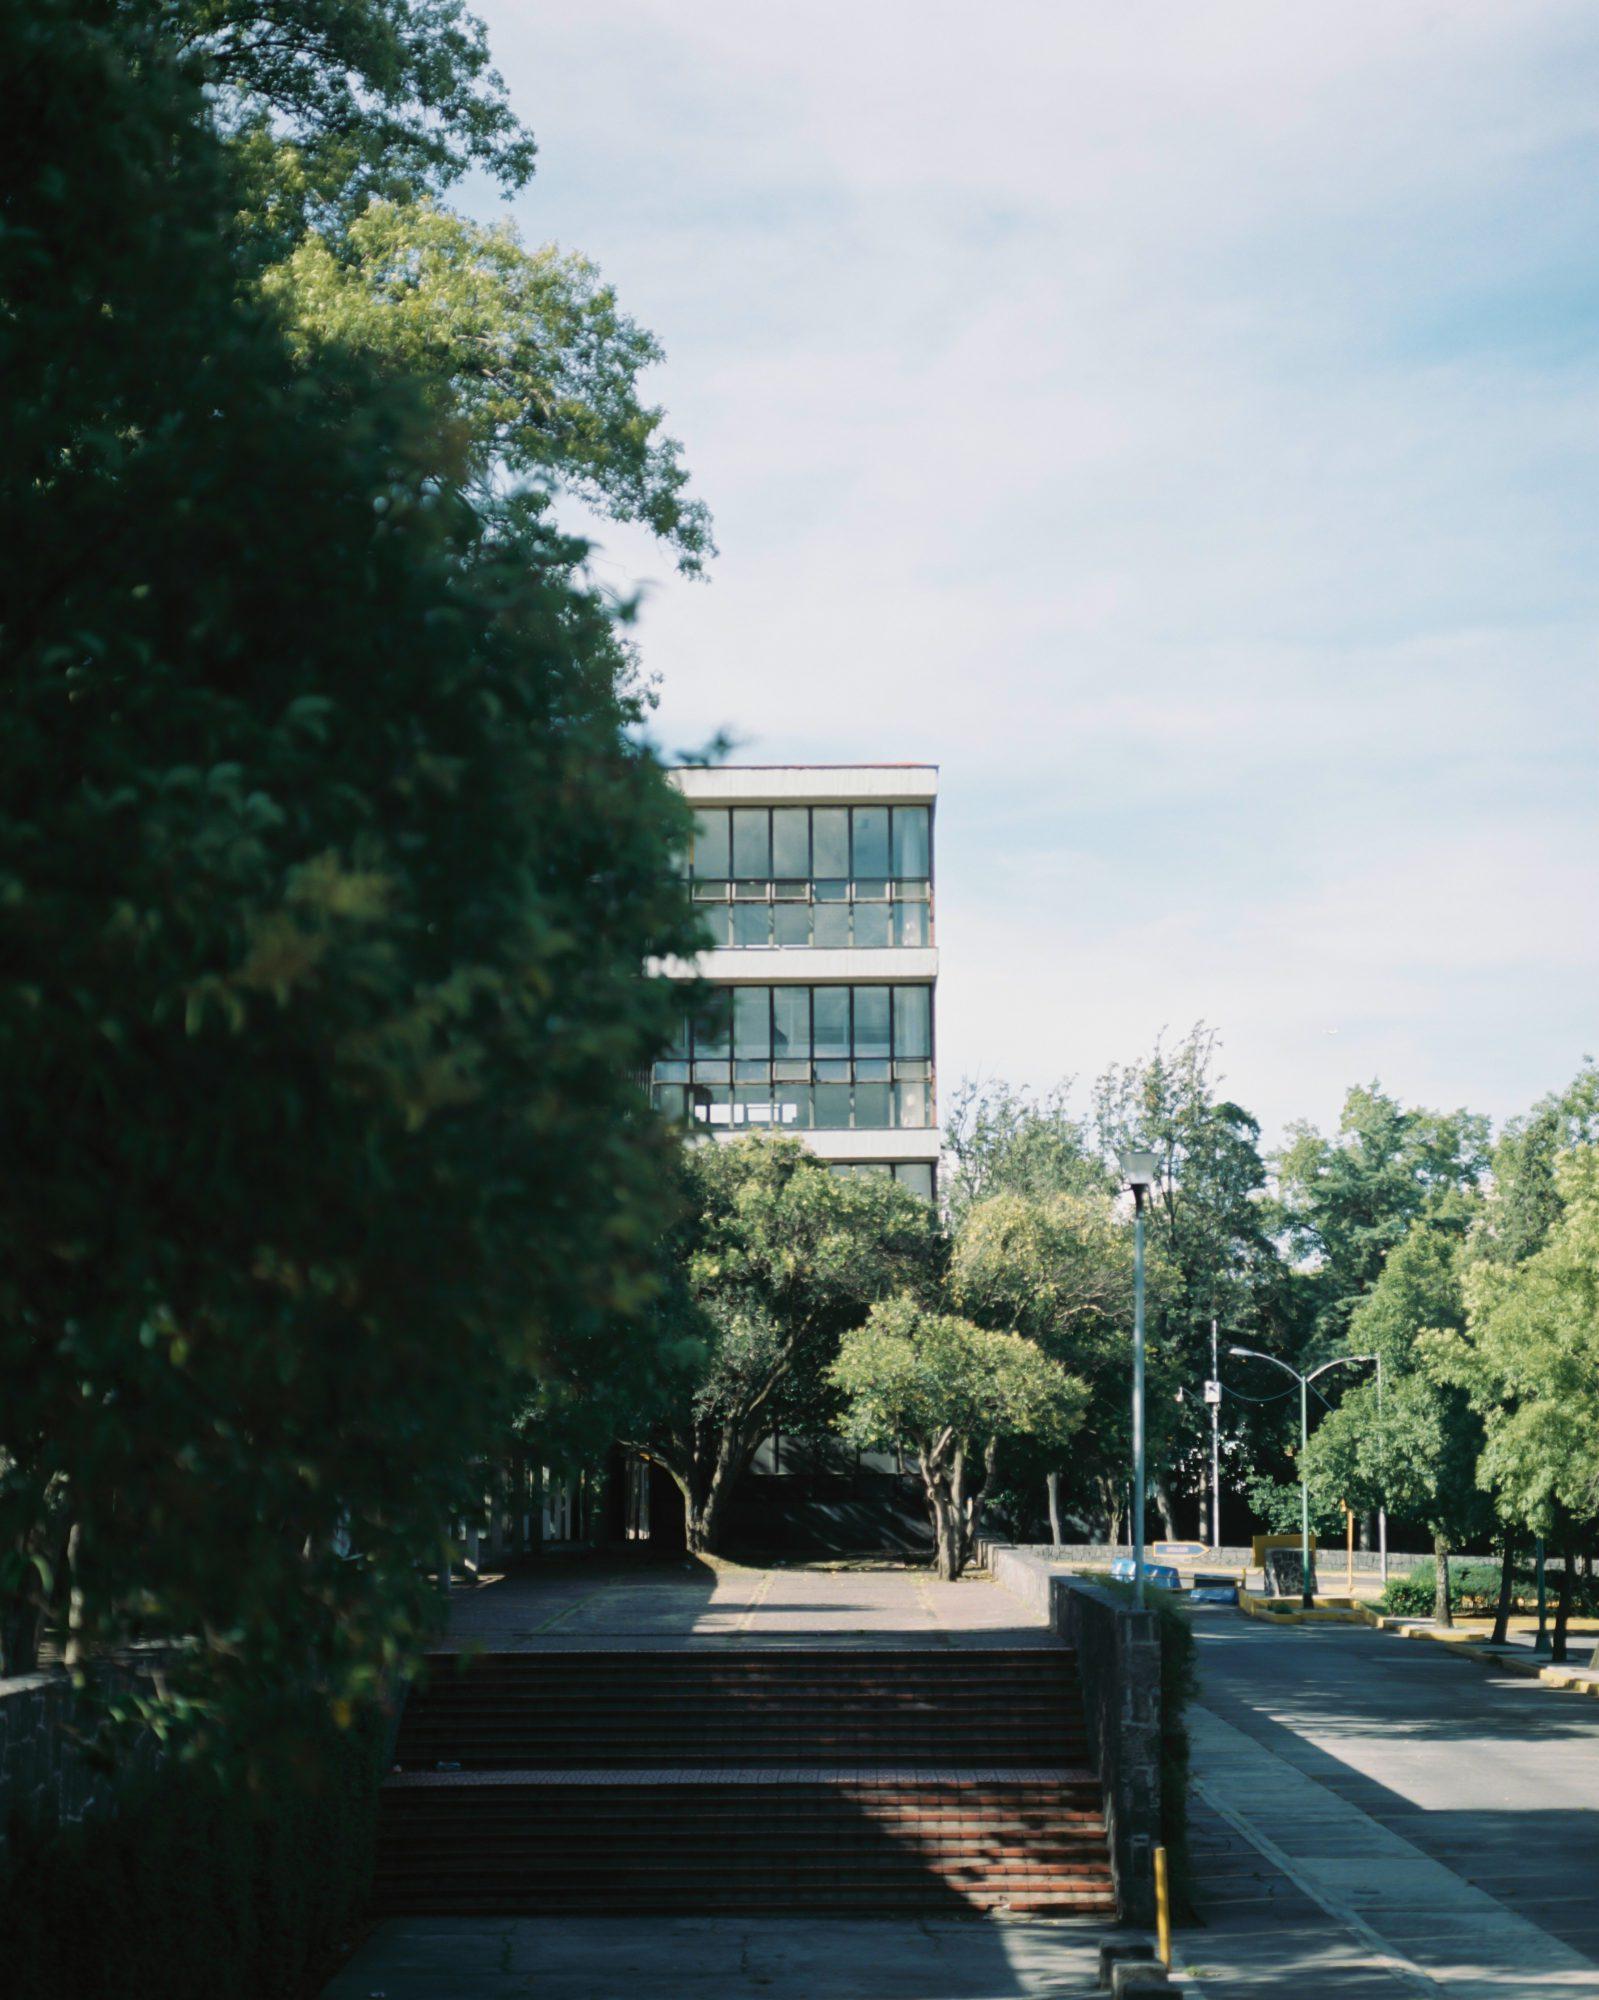 Universidad Nacional Autonoma de Mexico、UNAM